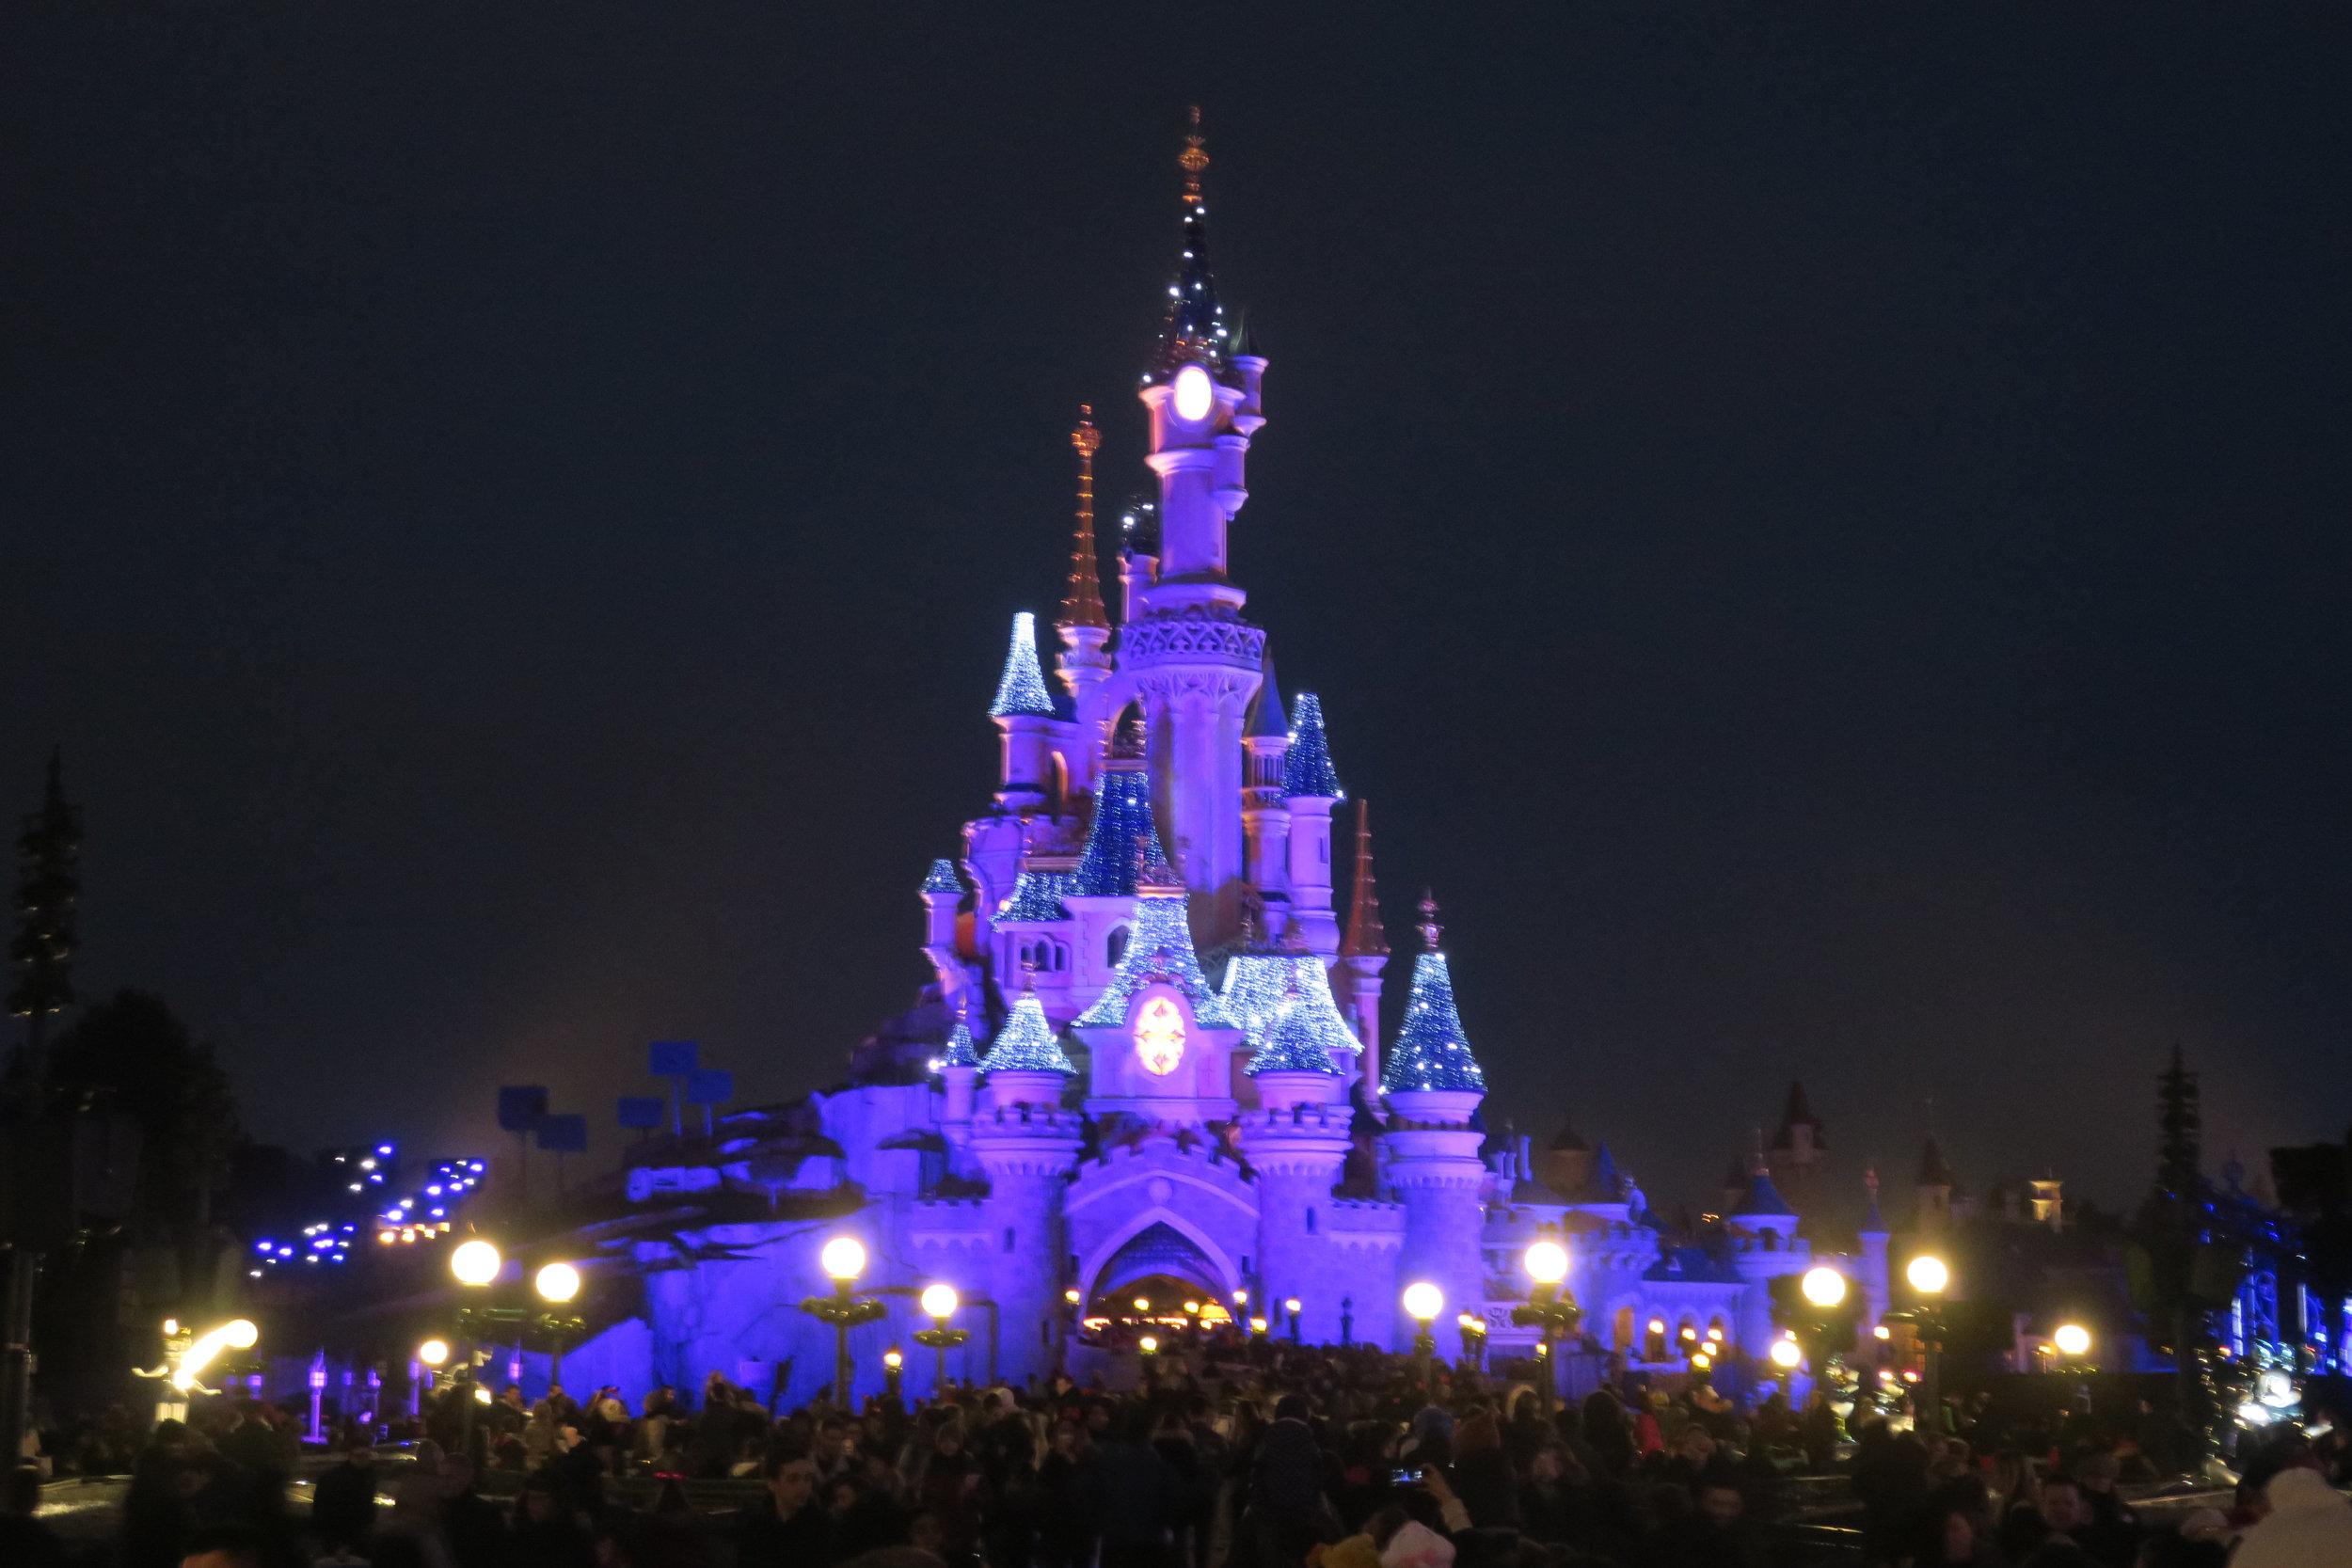 o castelo iluminado!